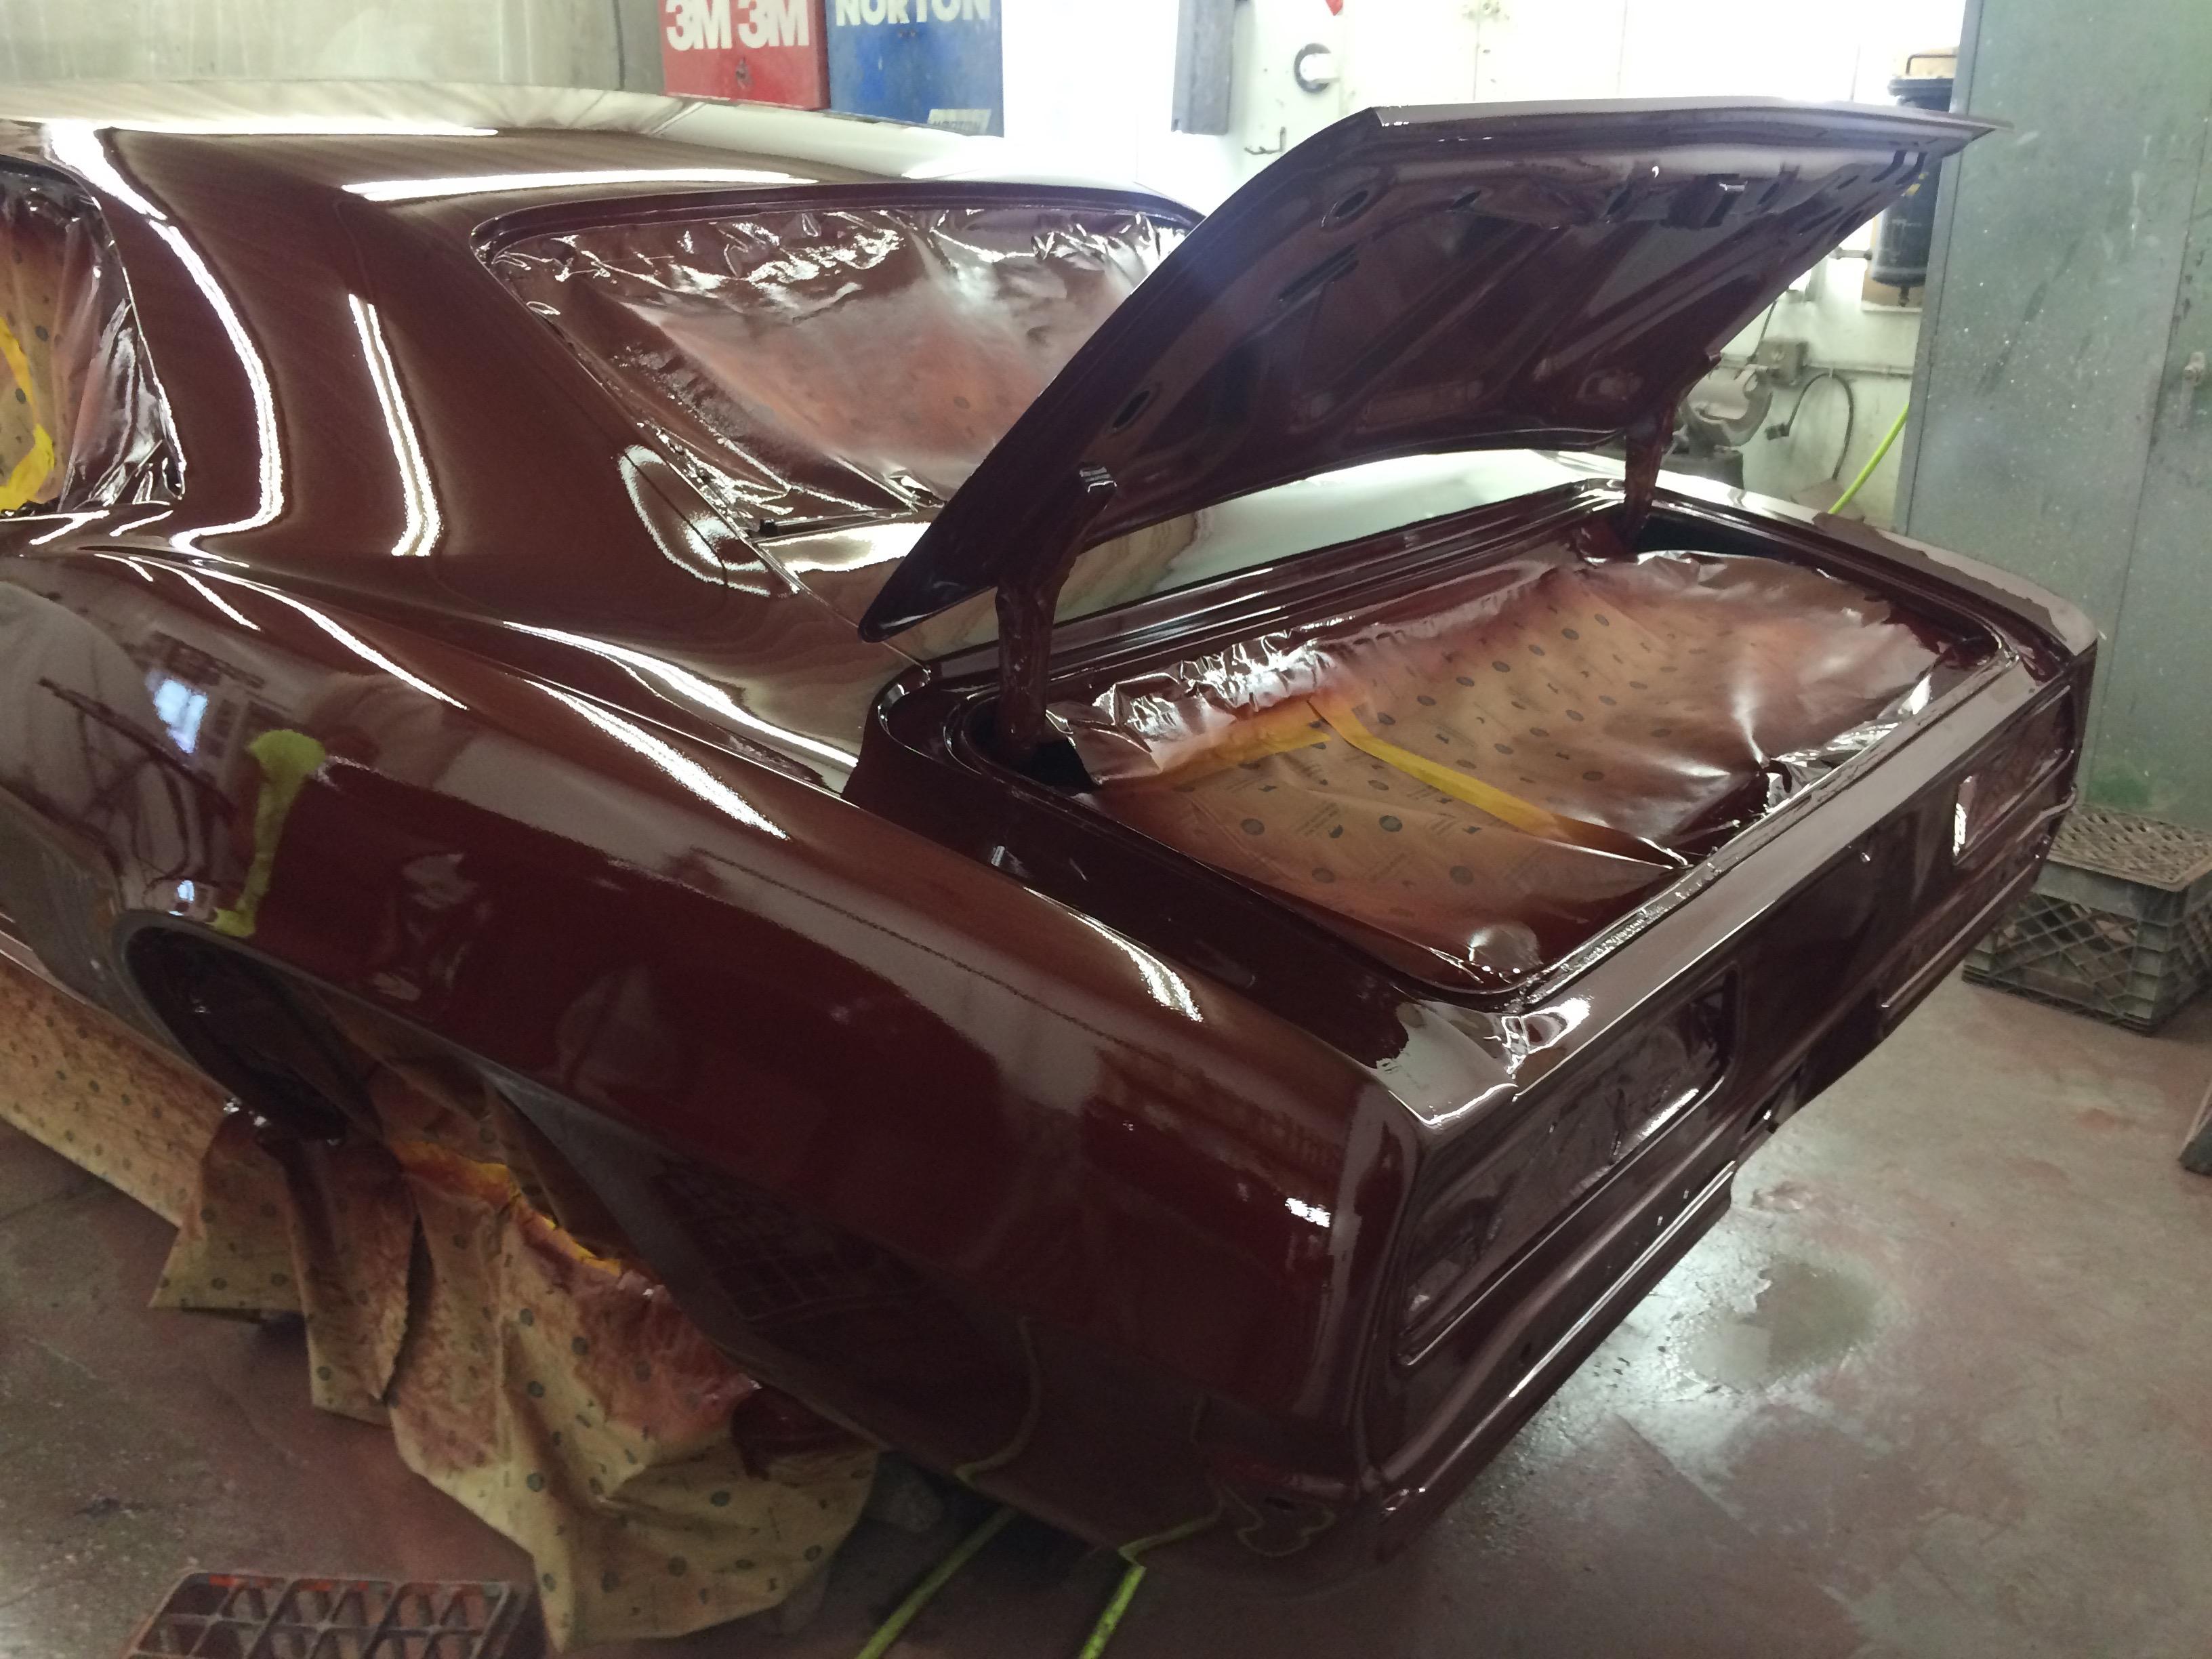 Maroon Camaro